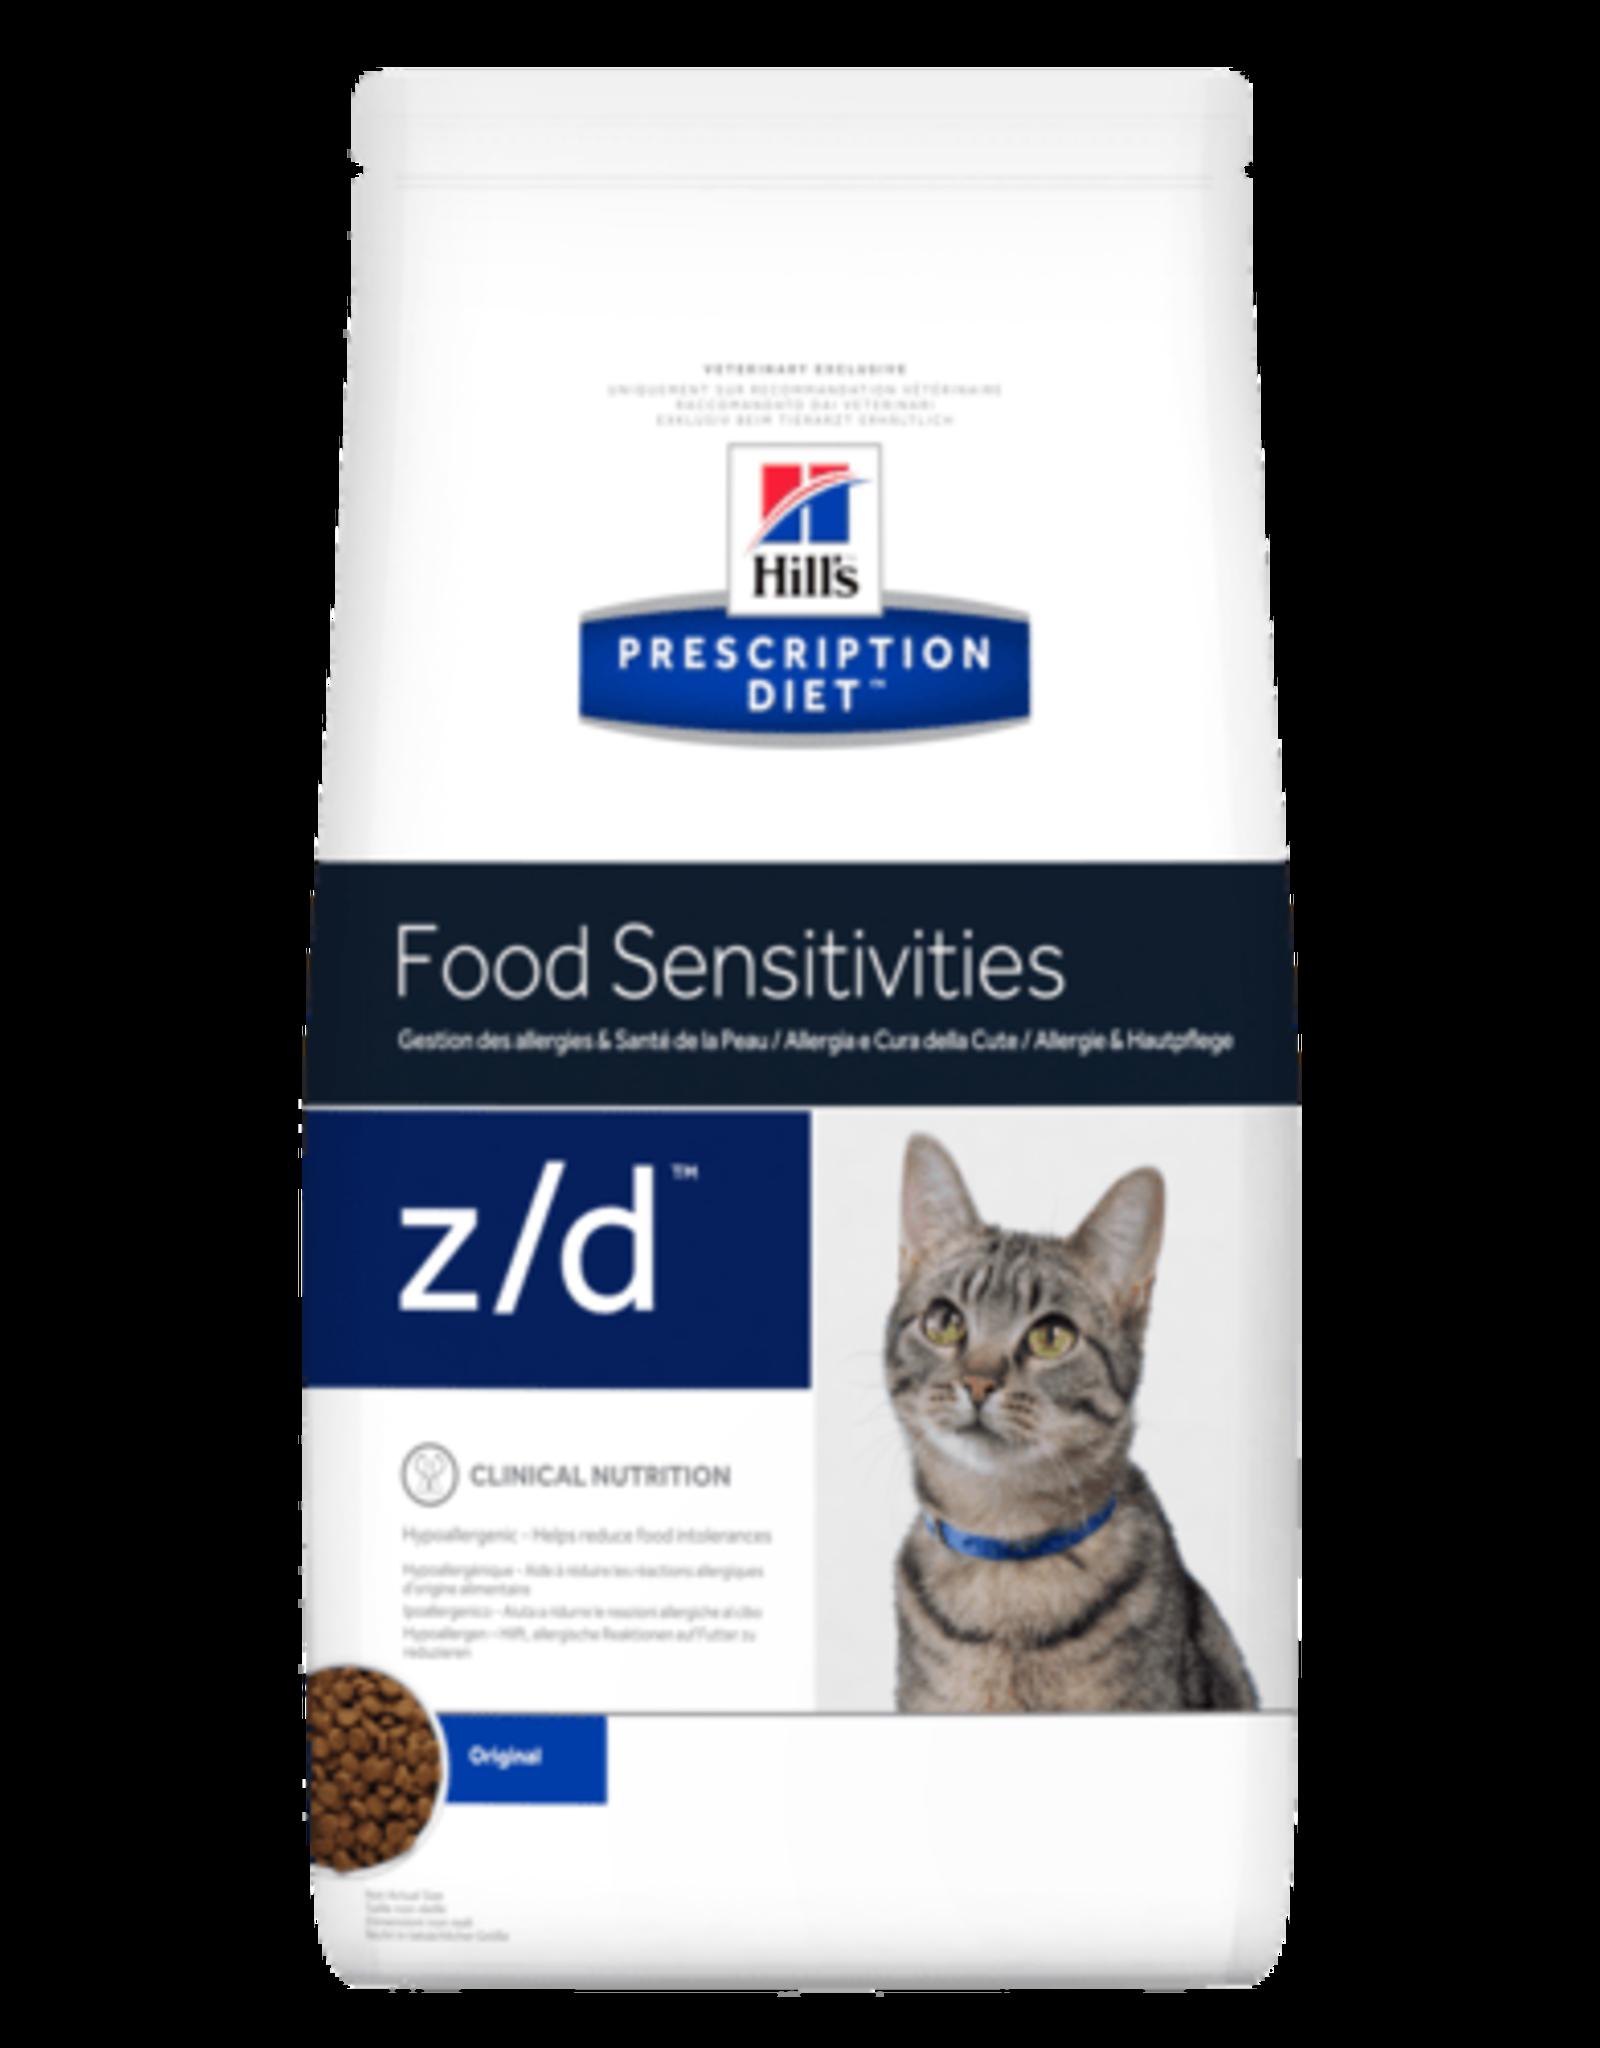 Hill's Hill's Prescription Diet Z/d Low Allergen Chat 2 Kg